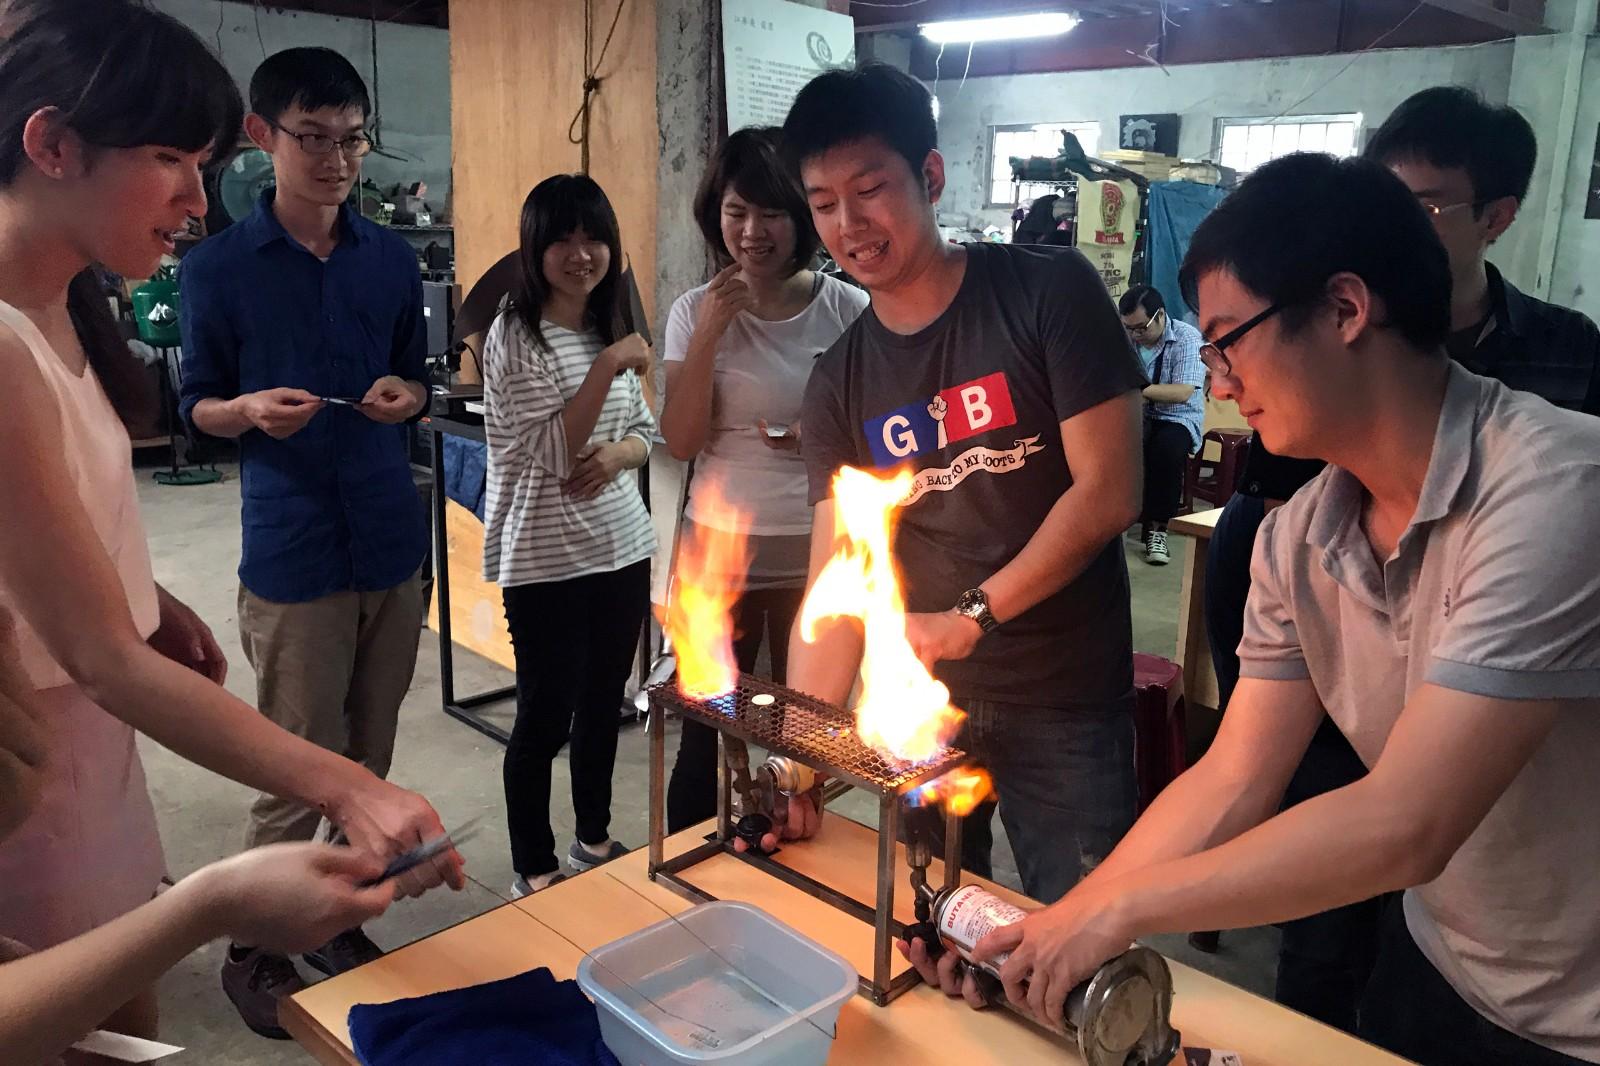 一日職人DIY體驗 - 三峽琺瑯工藝手作   甘樂文創   甘之如飴,樂在其中